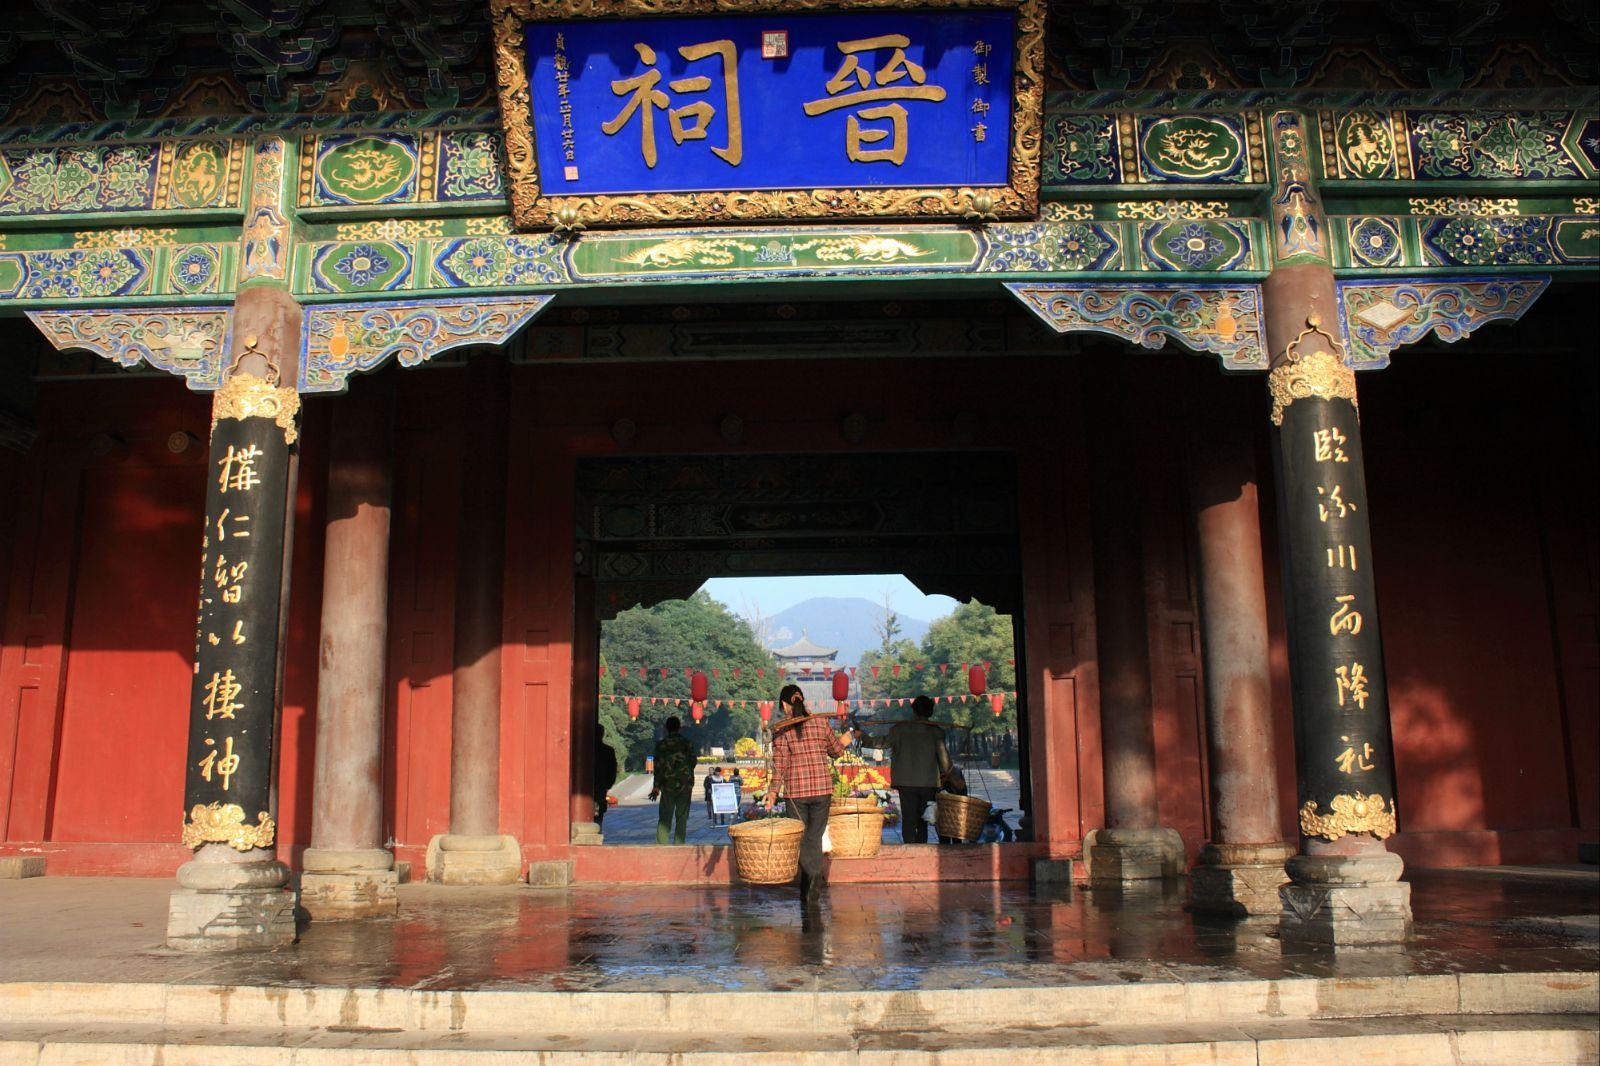 山西太原旅游攻略好玩的地方景点推荐 照着学就行了